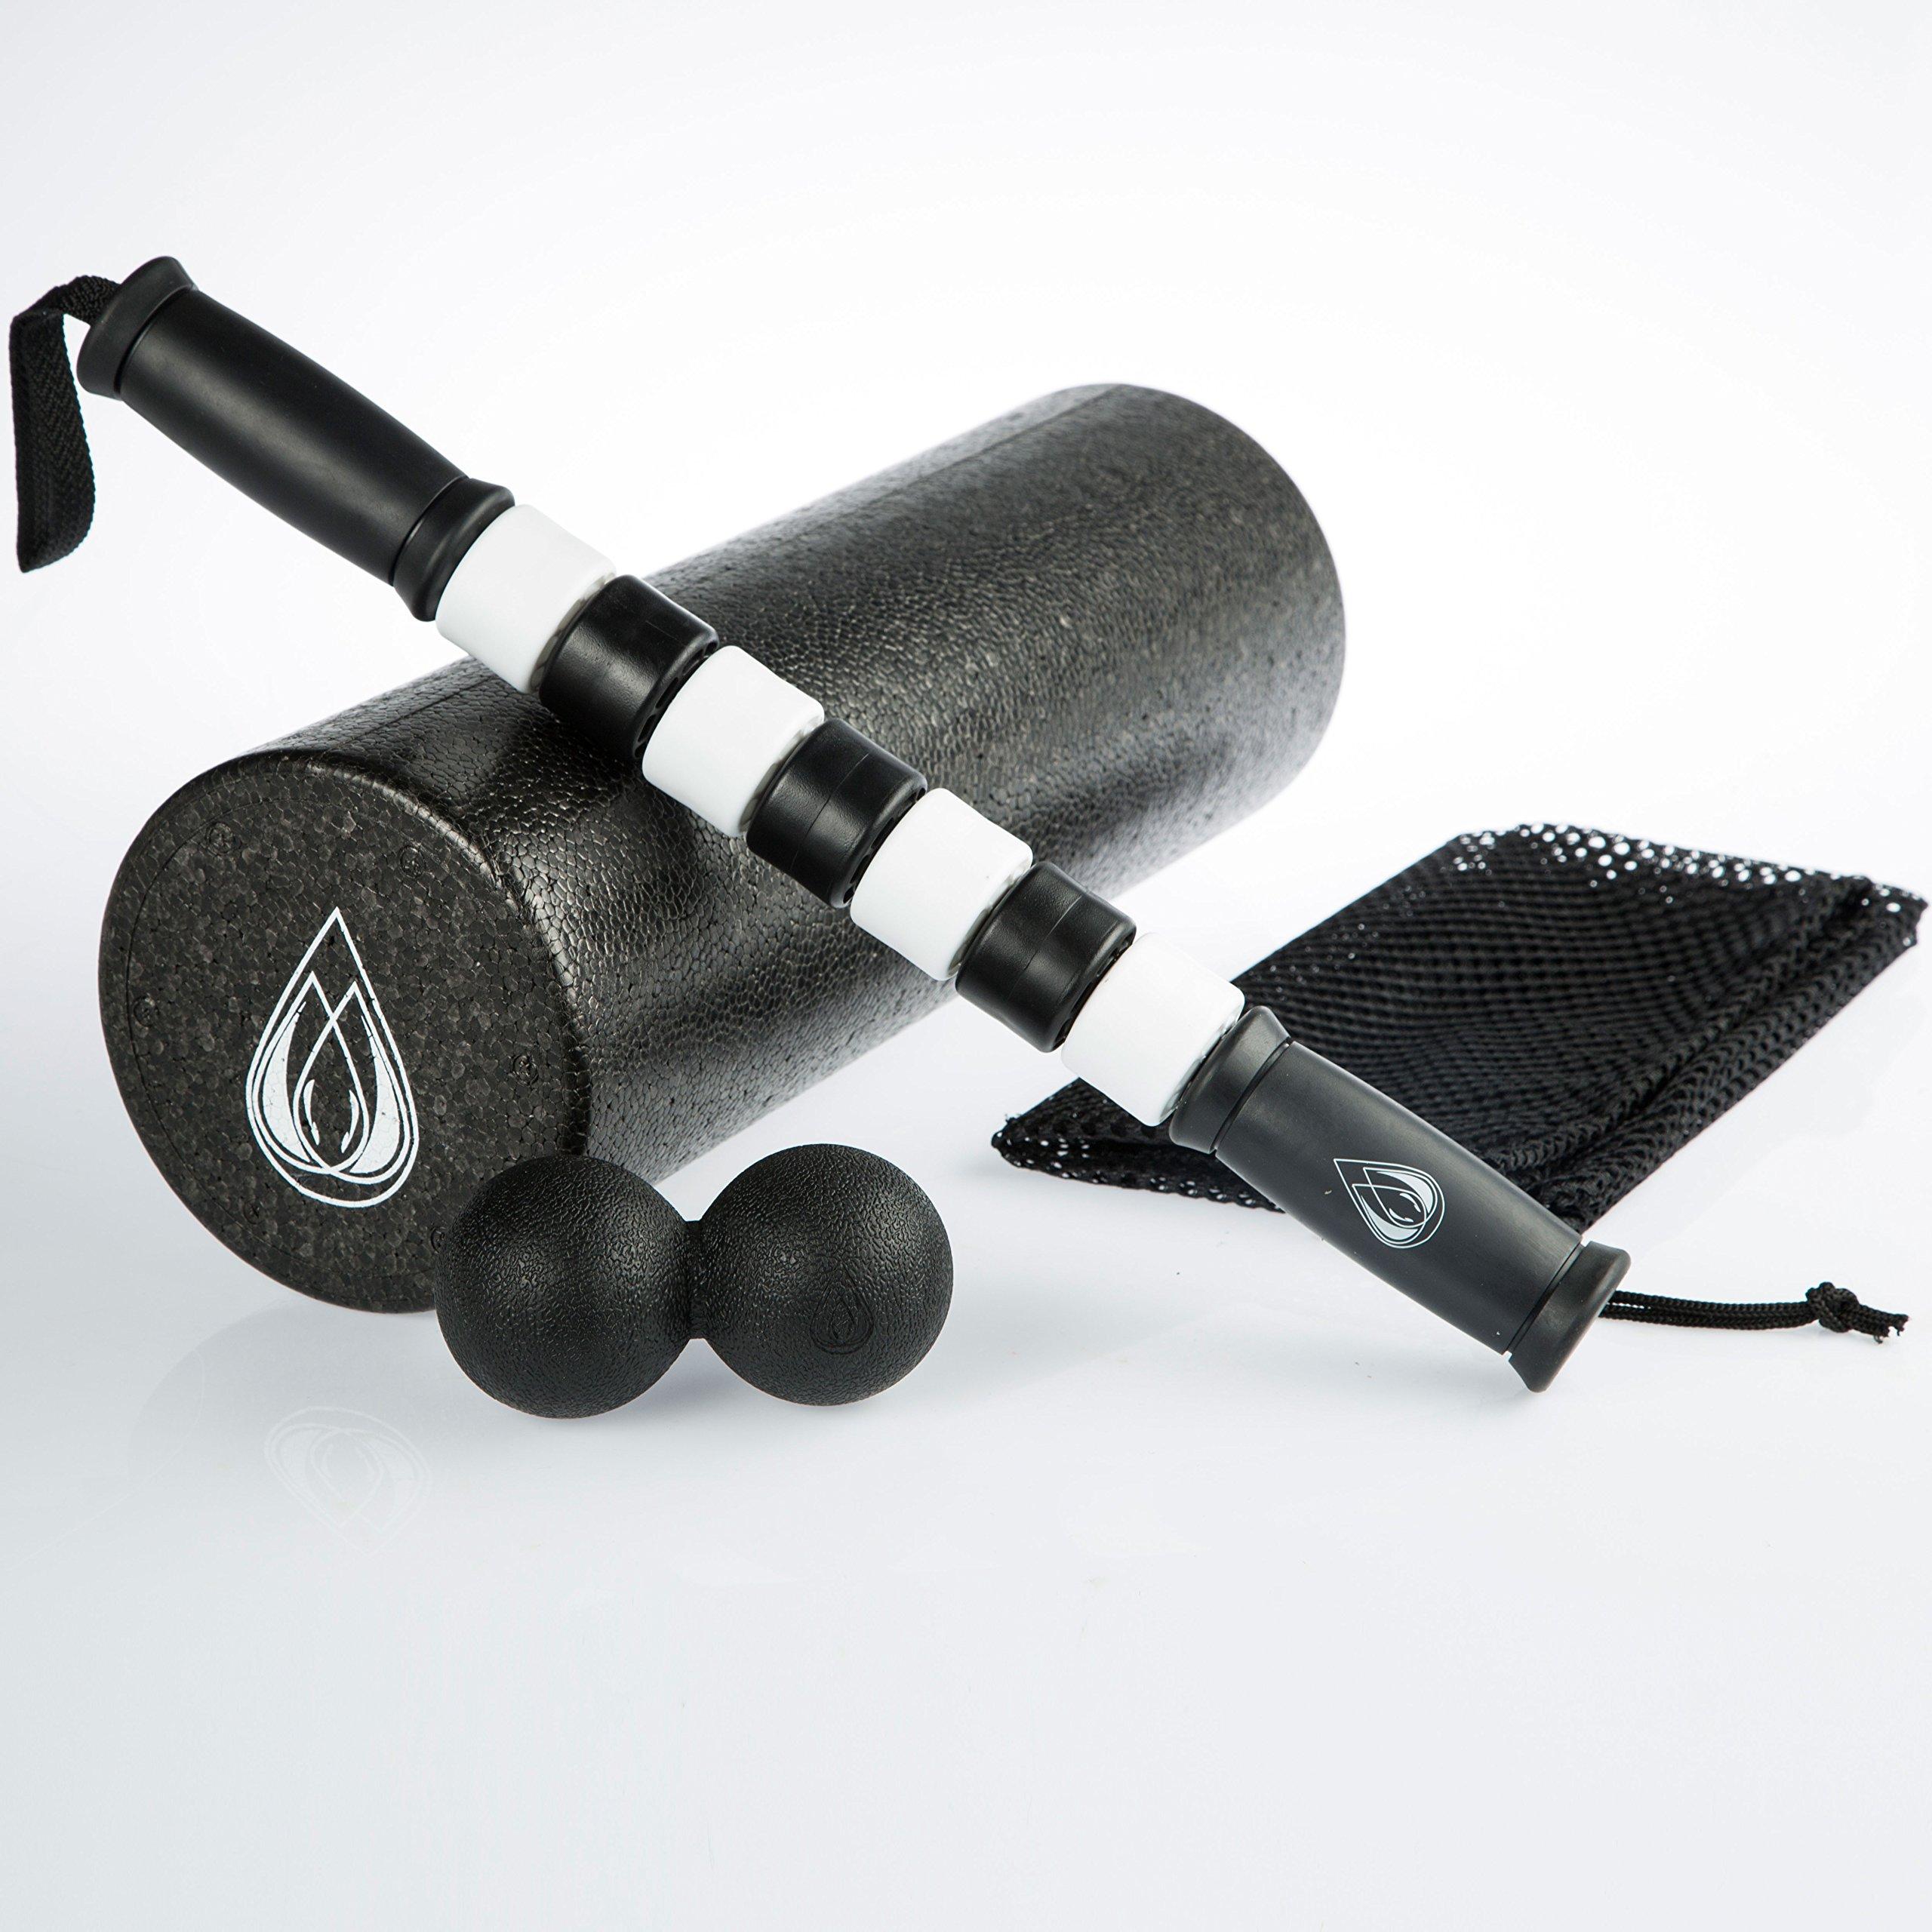 TeamSoda 18 inch Foam Roller + Muscle Roller Stick + Double Massage Ball Bundle